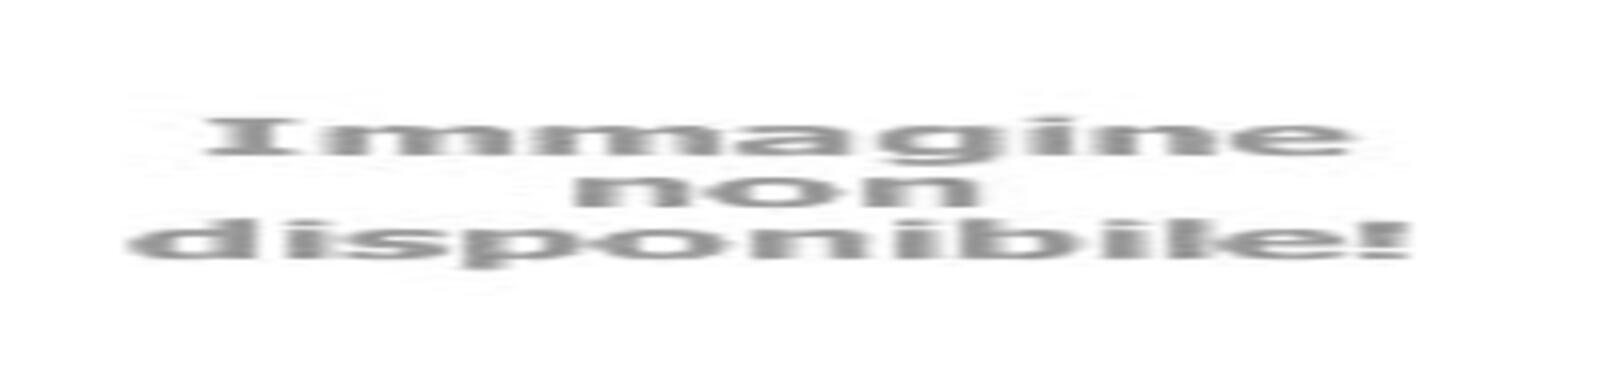 petronianaviaggi it parco-giardino-sigurta-v405 002